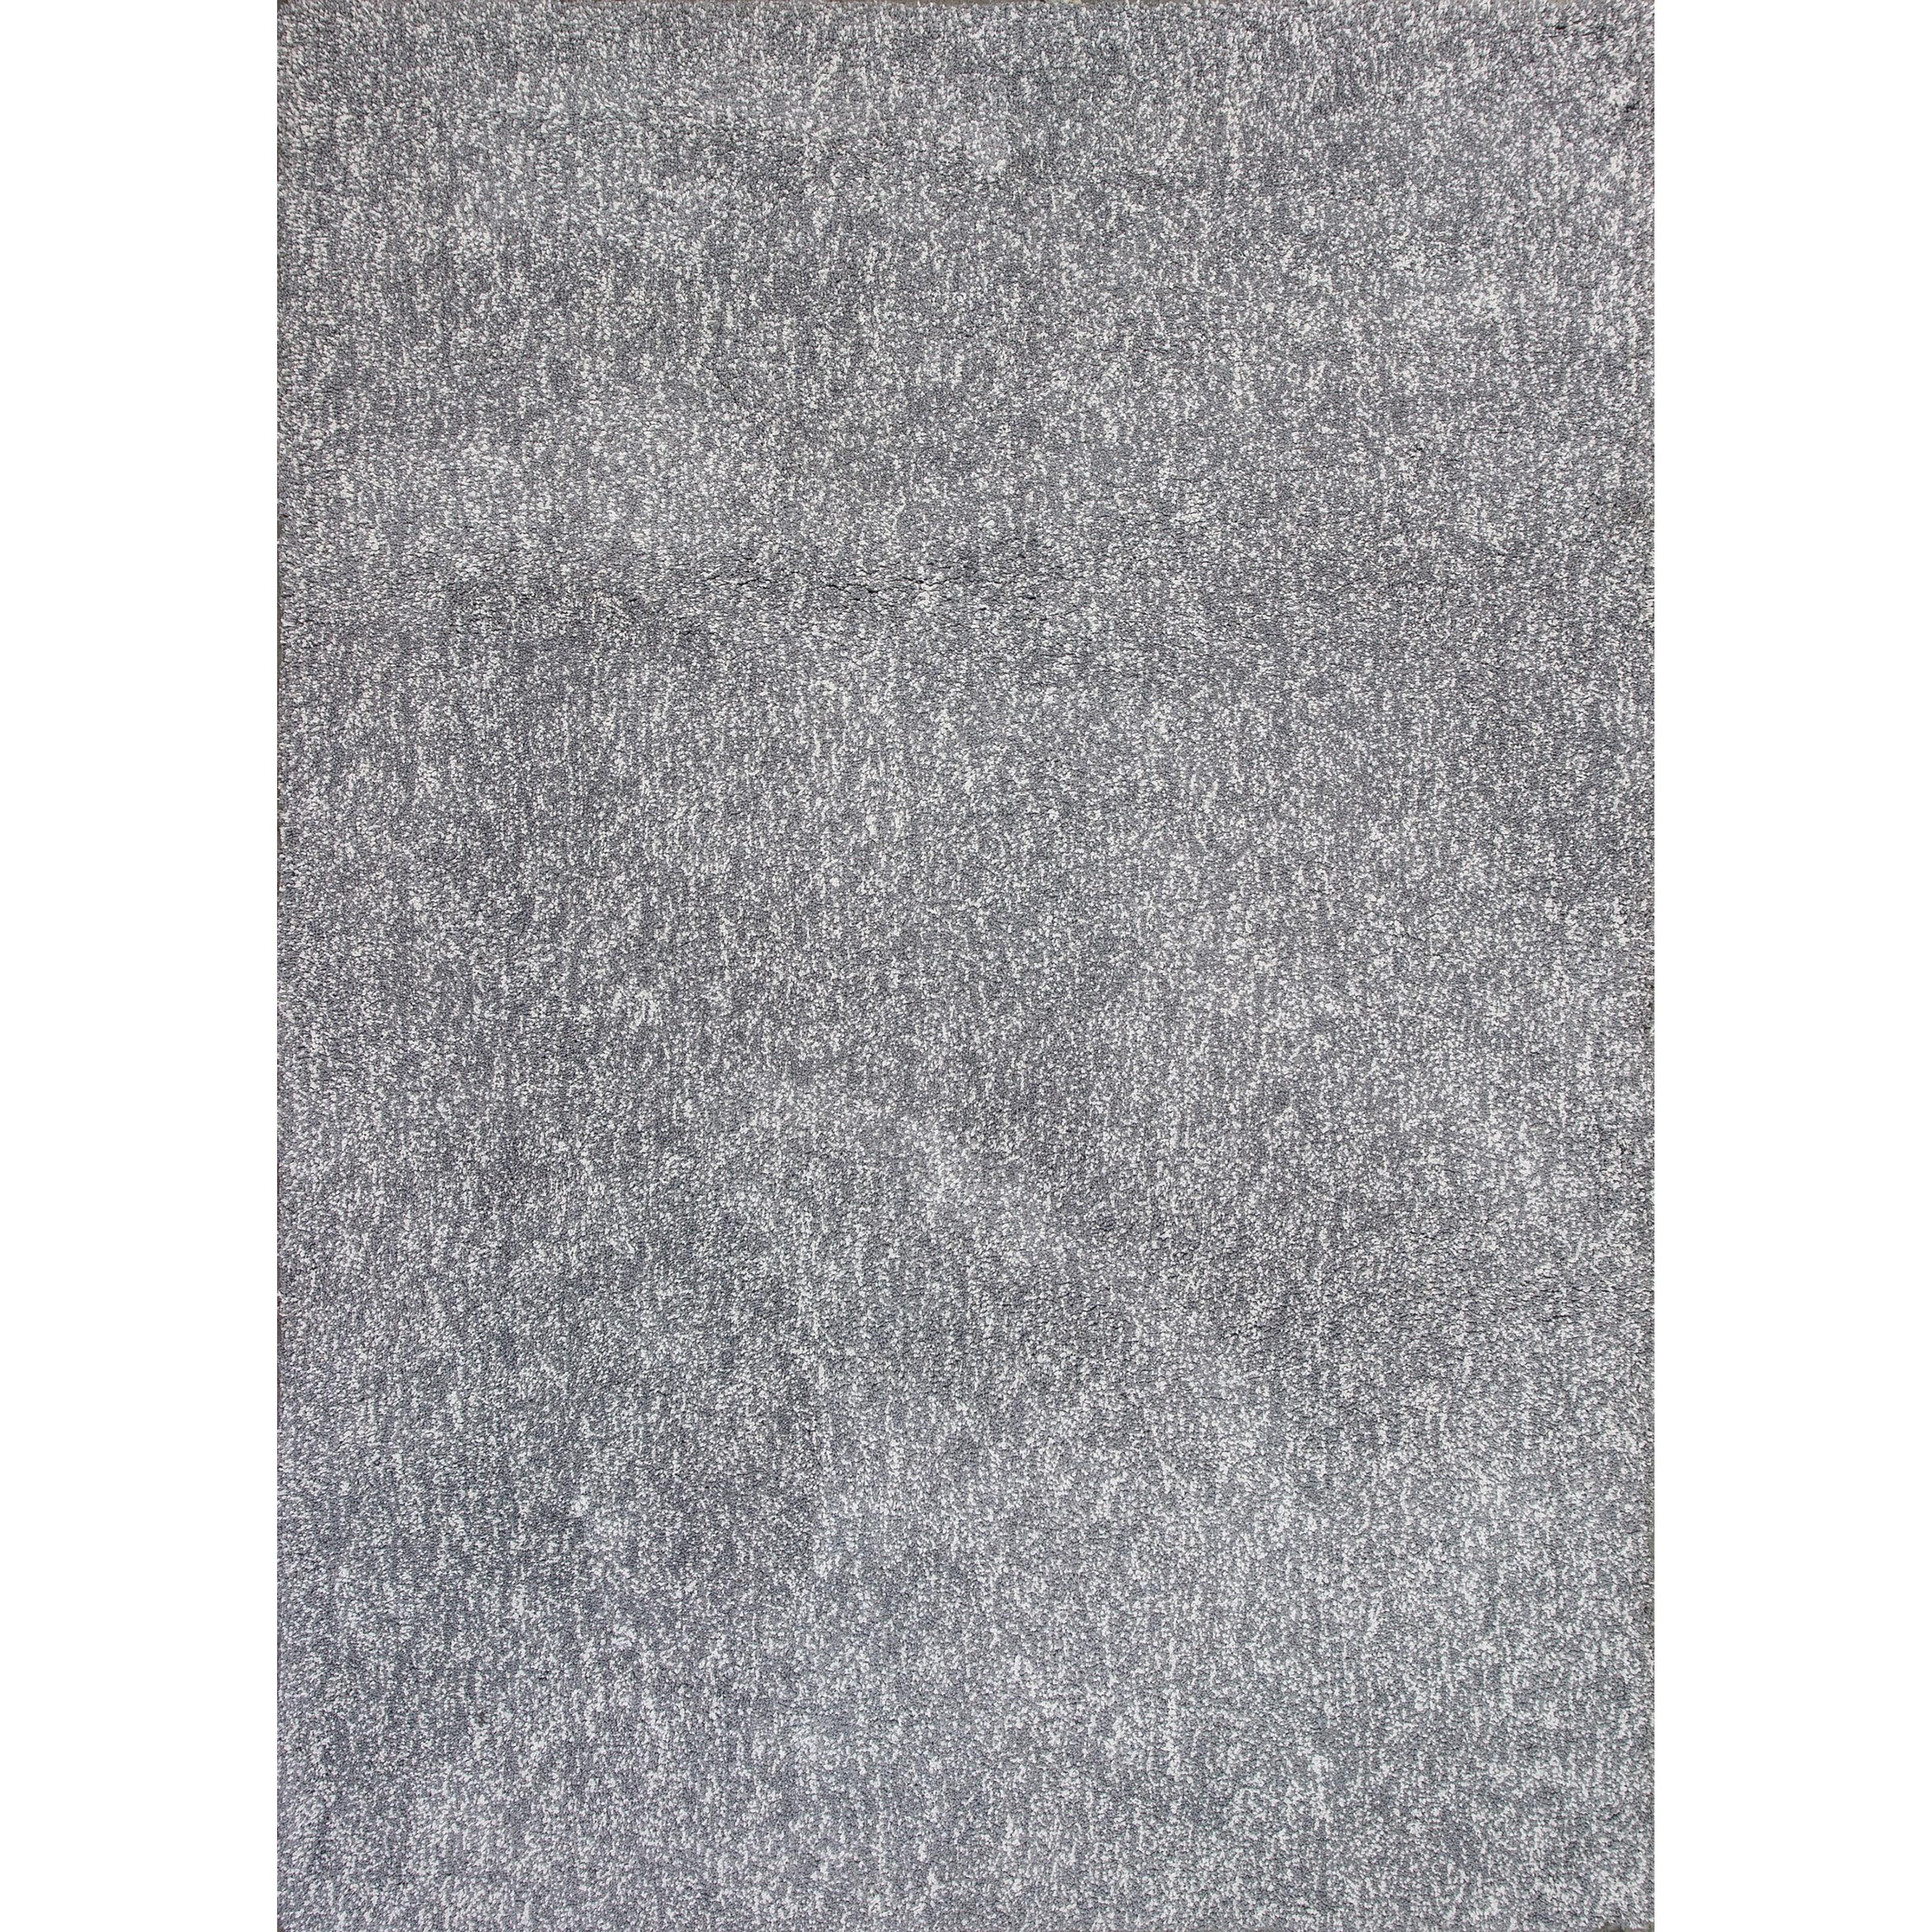 """7'6"""" X 9'6"""" Grey Heather Shag Area Rug"""